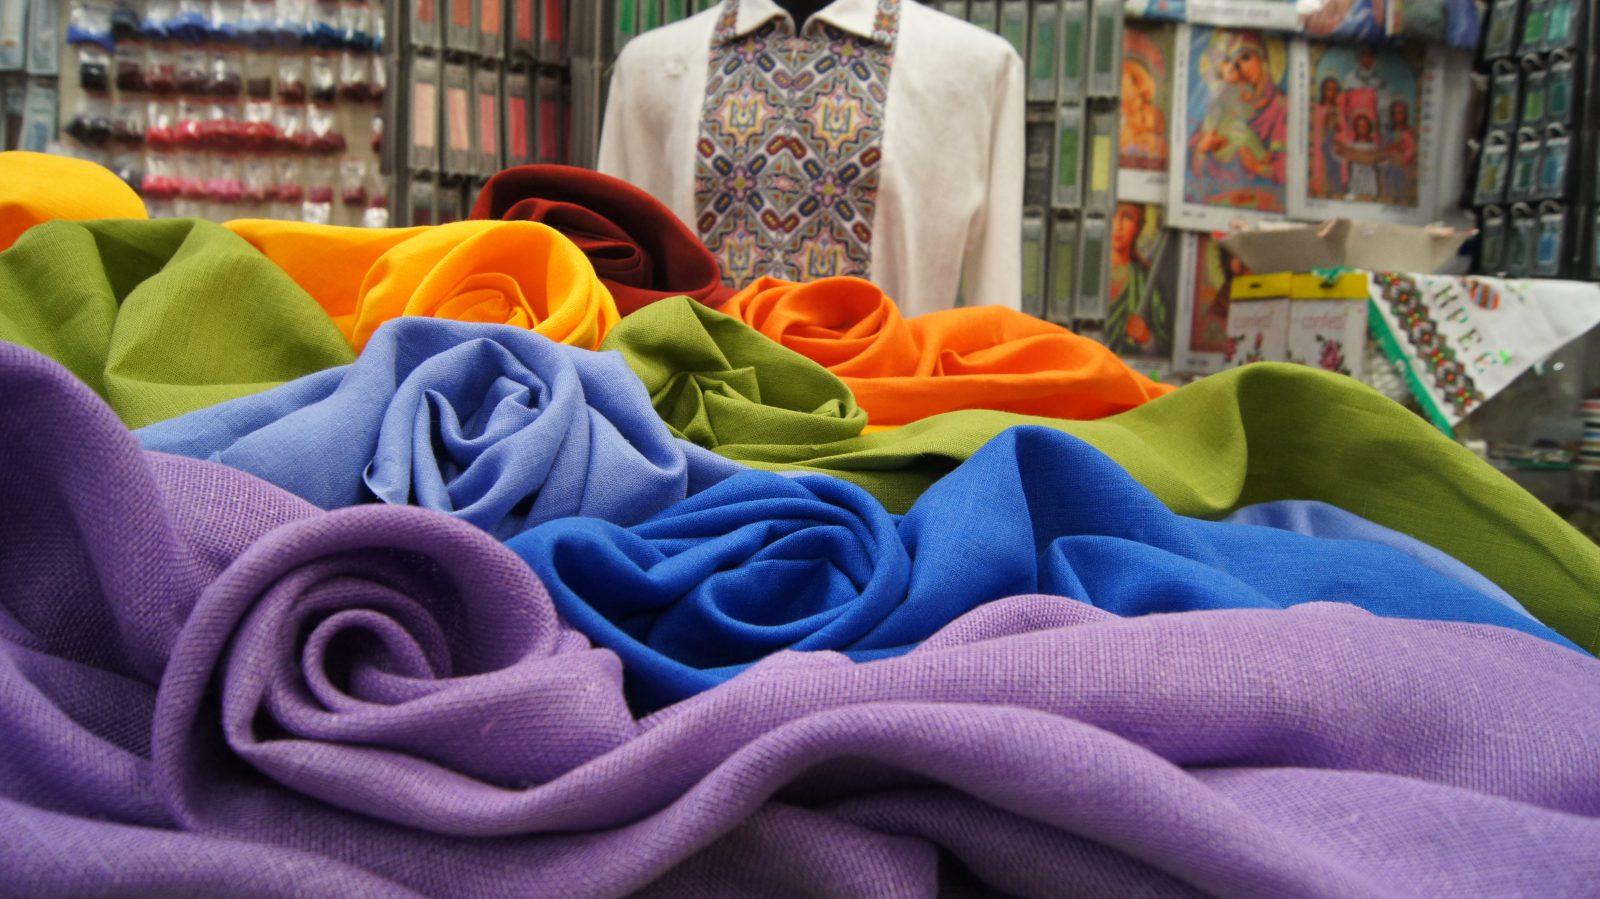 Украинские производители остались без тканей – выпуск одежды останавливается